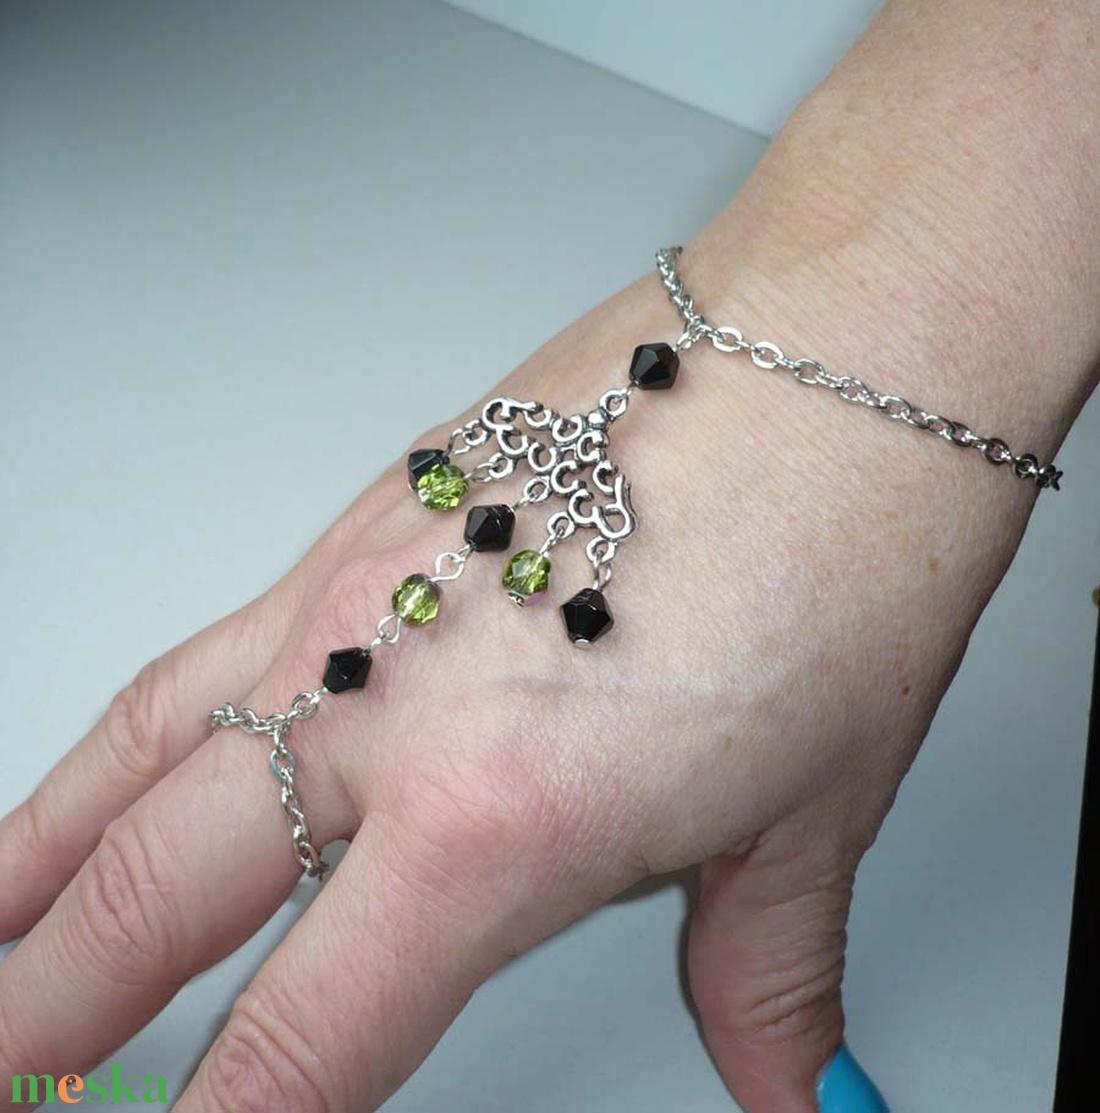 Ezüst, zöld, fekete karkötő-gyűrű (kézfejkarkötő) - ékszer - karkötő - kézfej karkötő - Meska.hu